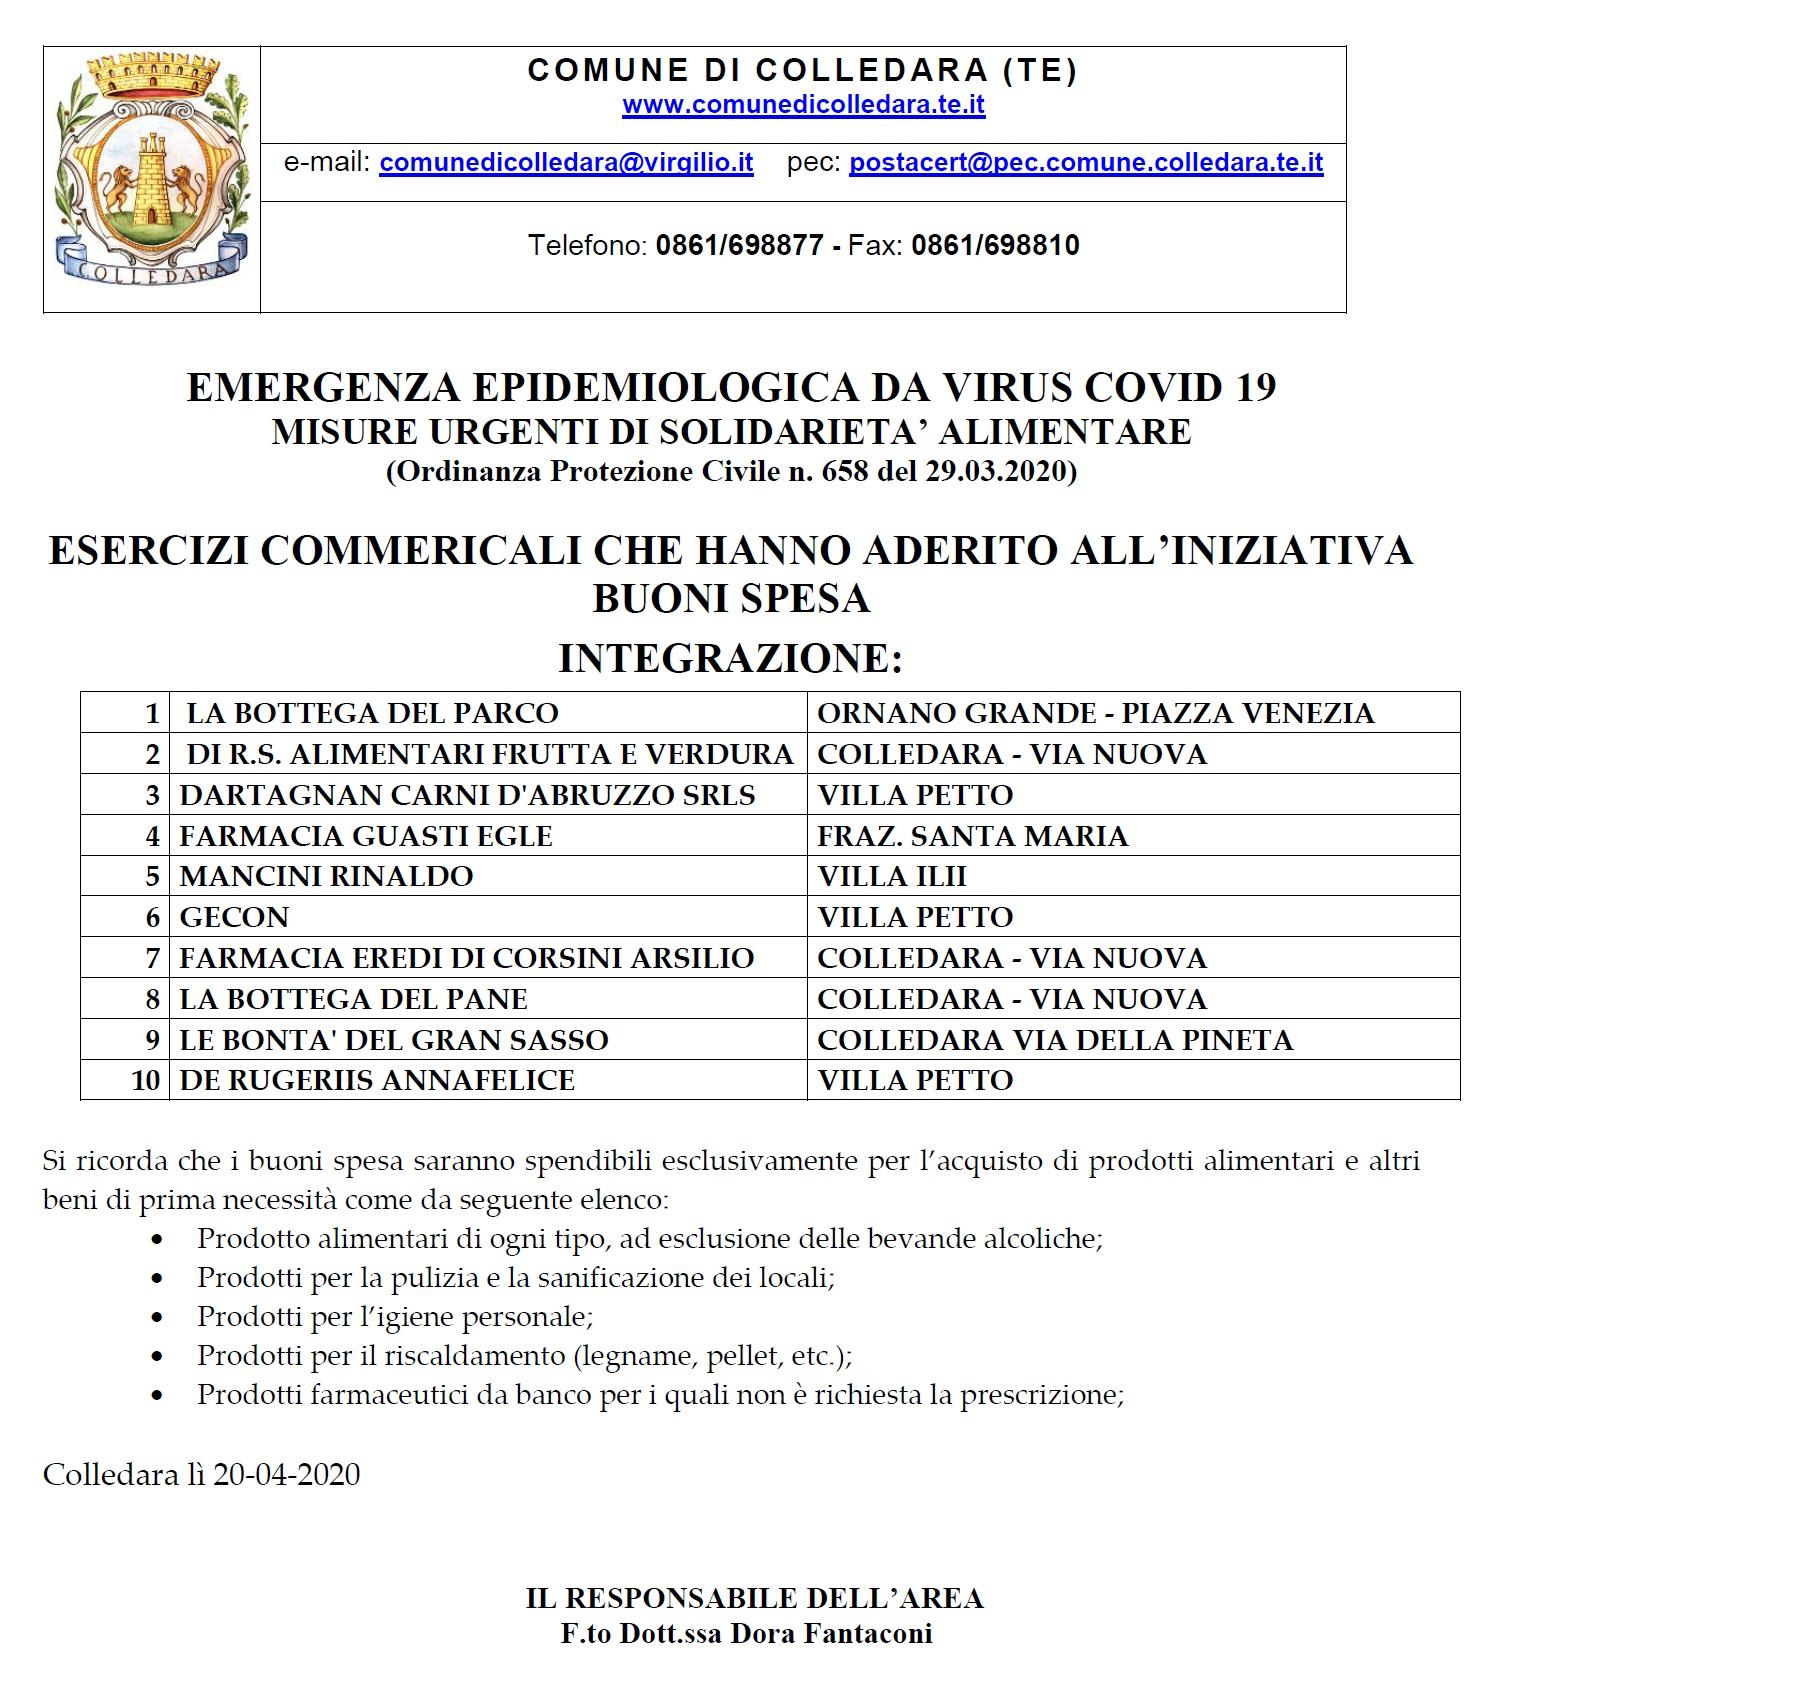 AVVISO PUBBLICO INTEGRAZIONE ELENCO ESERCIZI COMMERCIALI ADERENTI ALL'INIZIATIVA BUONI SPESA